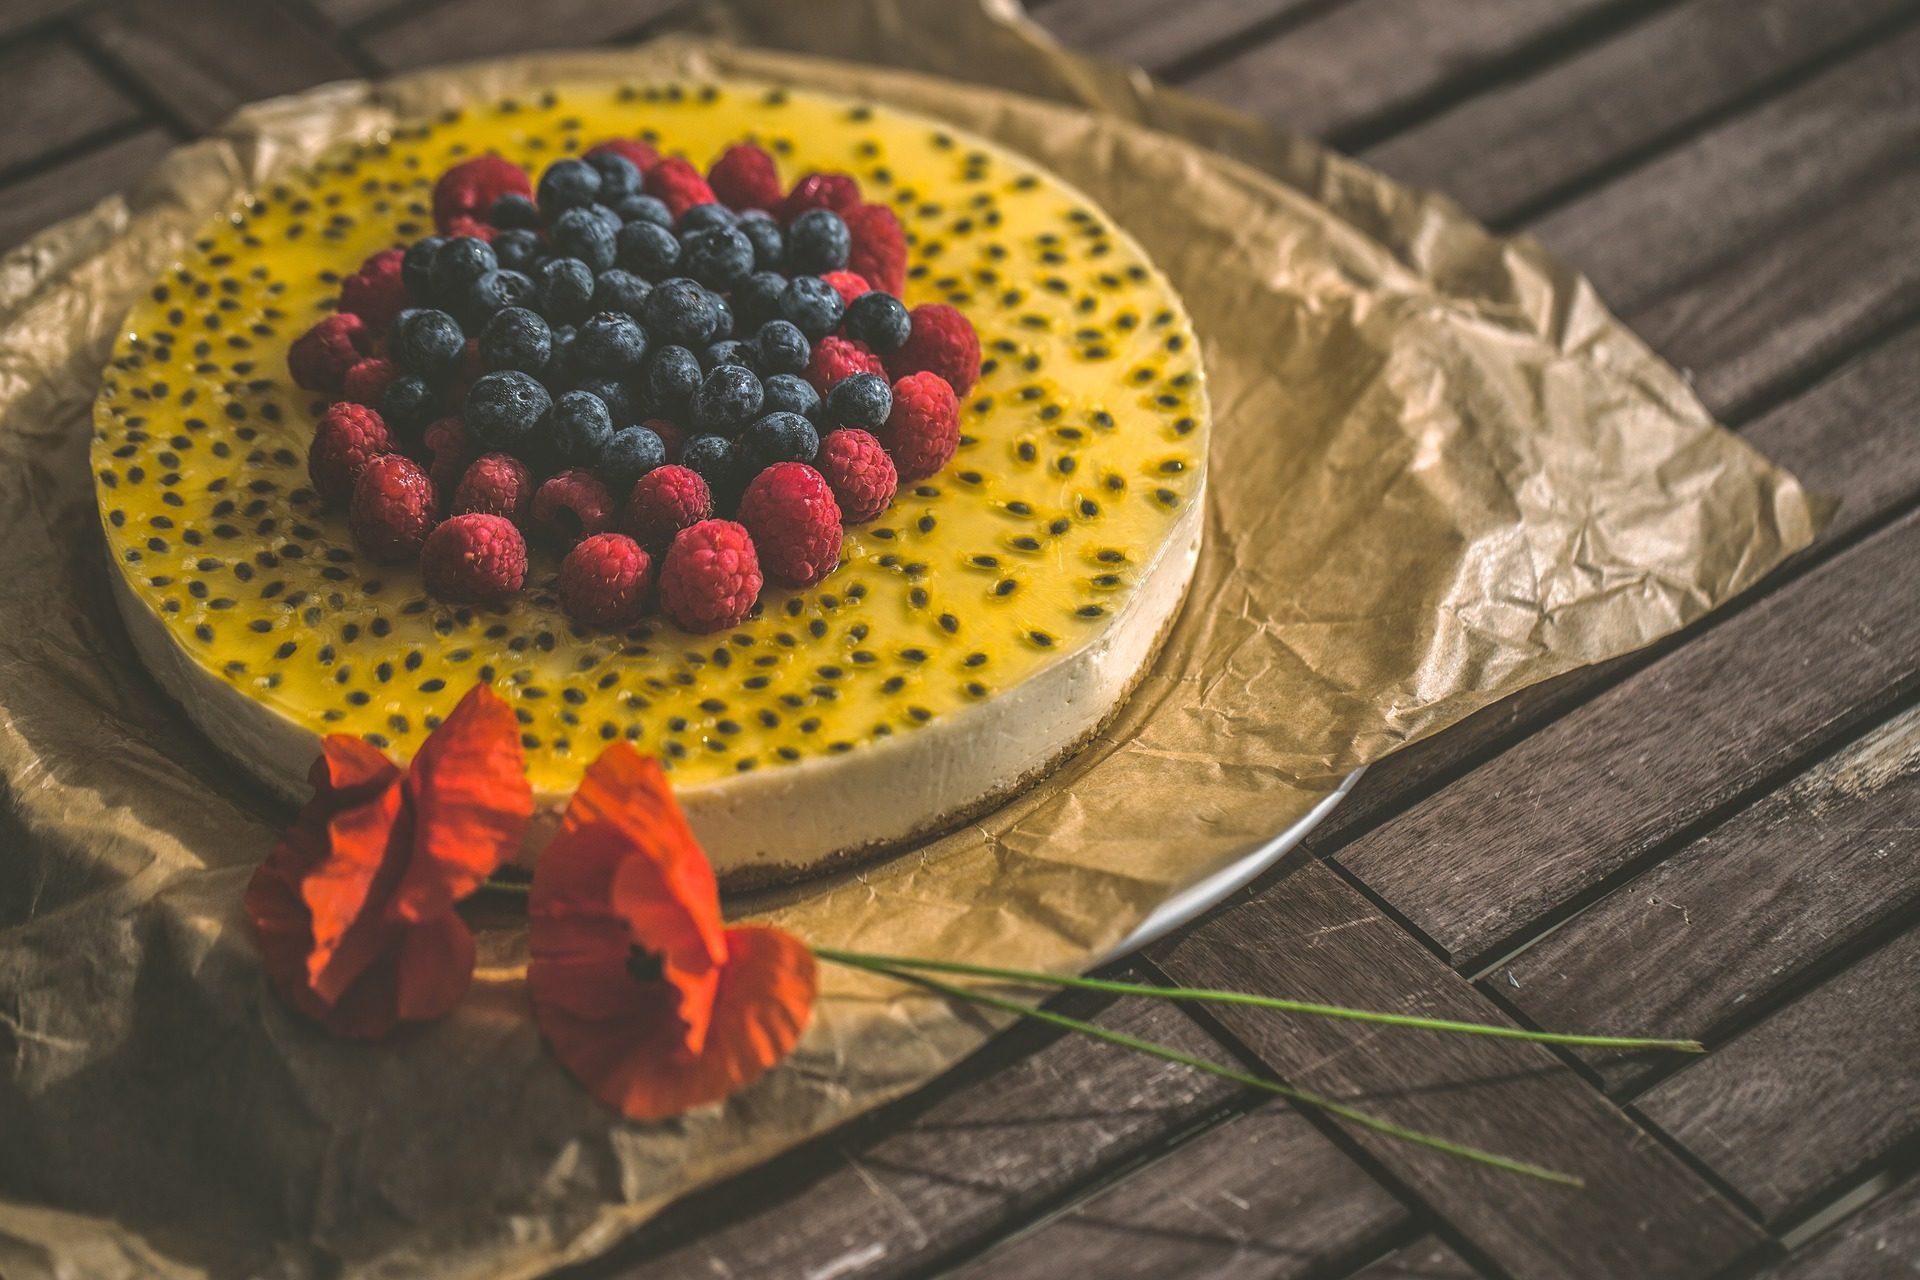 pastel, gâteau, bleuets, Mûres, fleurs, coquelicots - Fonds d'écran HD - Professor-falken.com